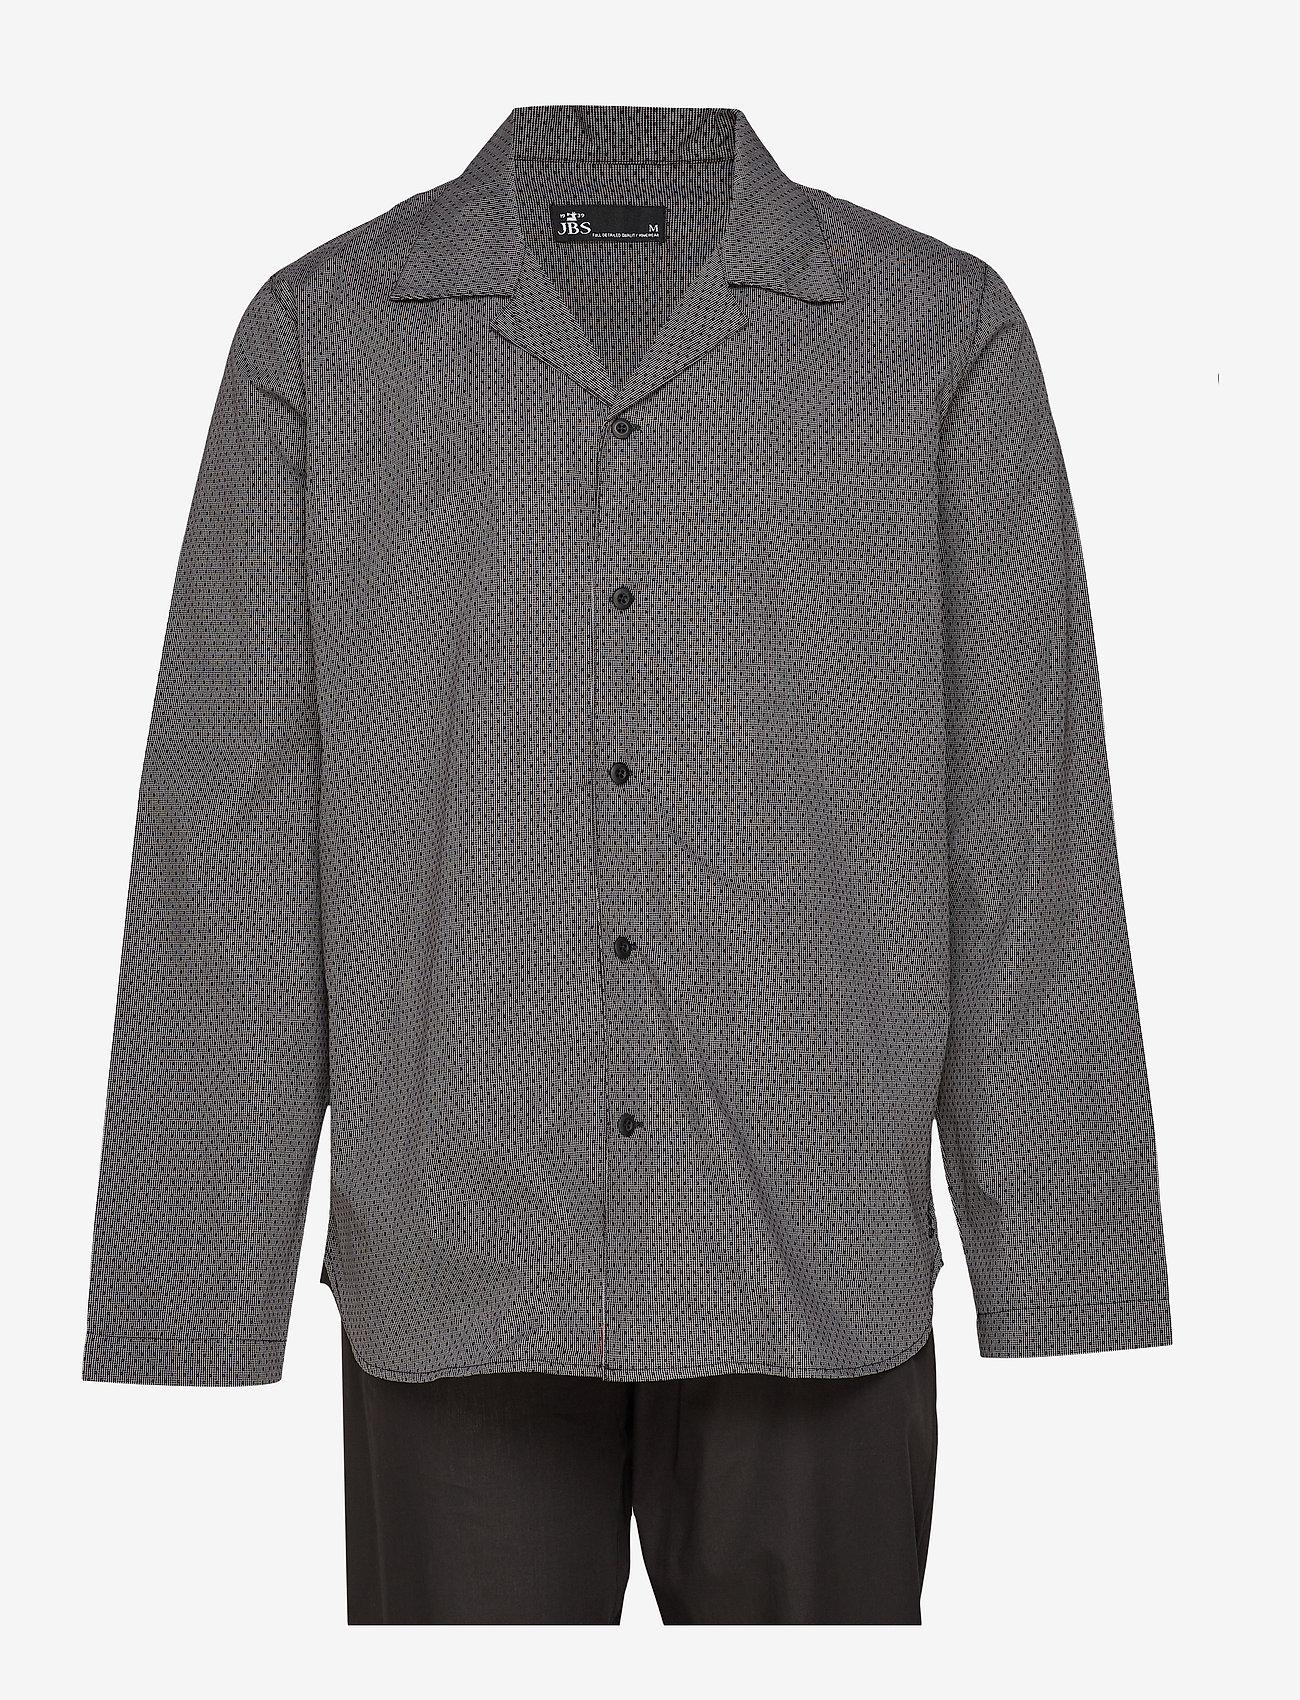 JBS - JBS pyjamas woven - pyjamas - black - 0